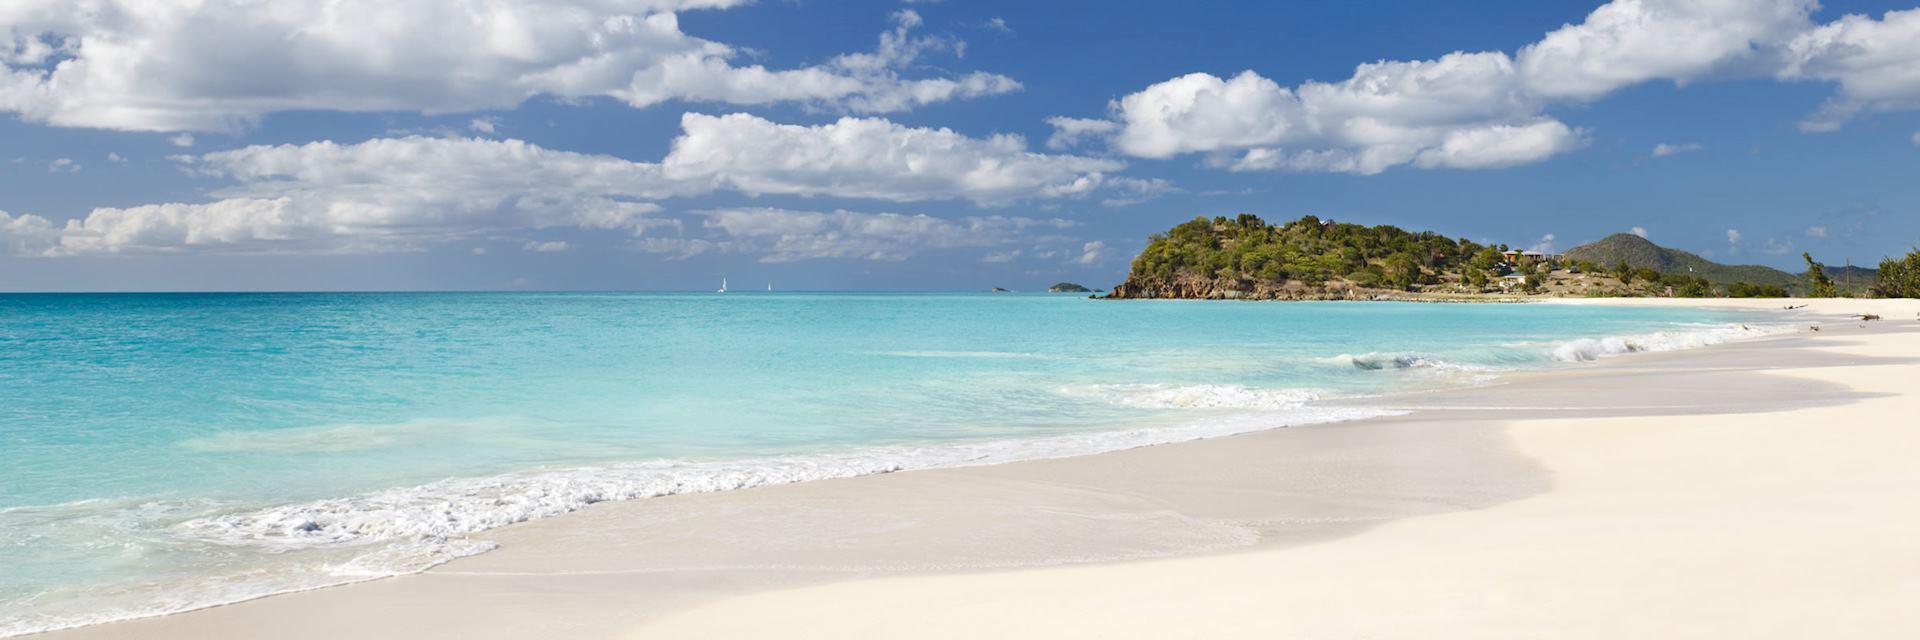 Deserted beach on Antigua